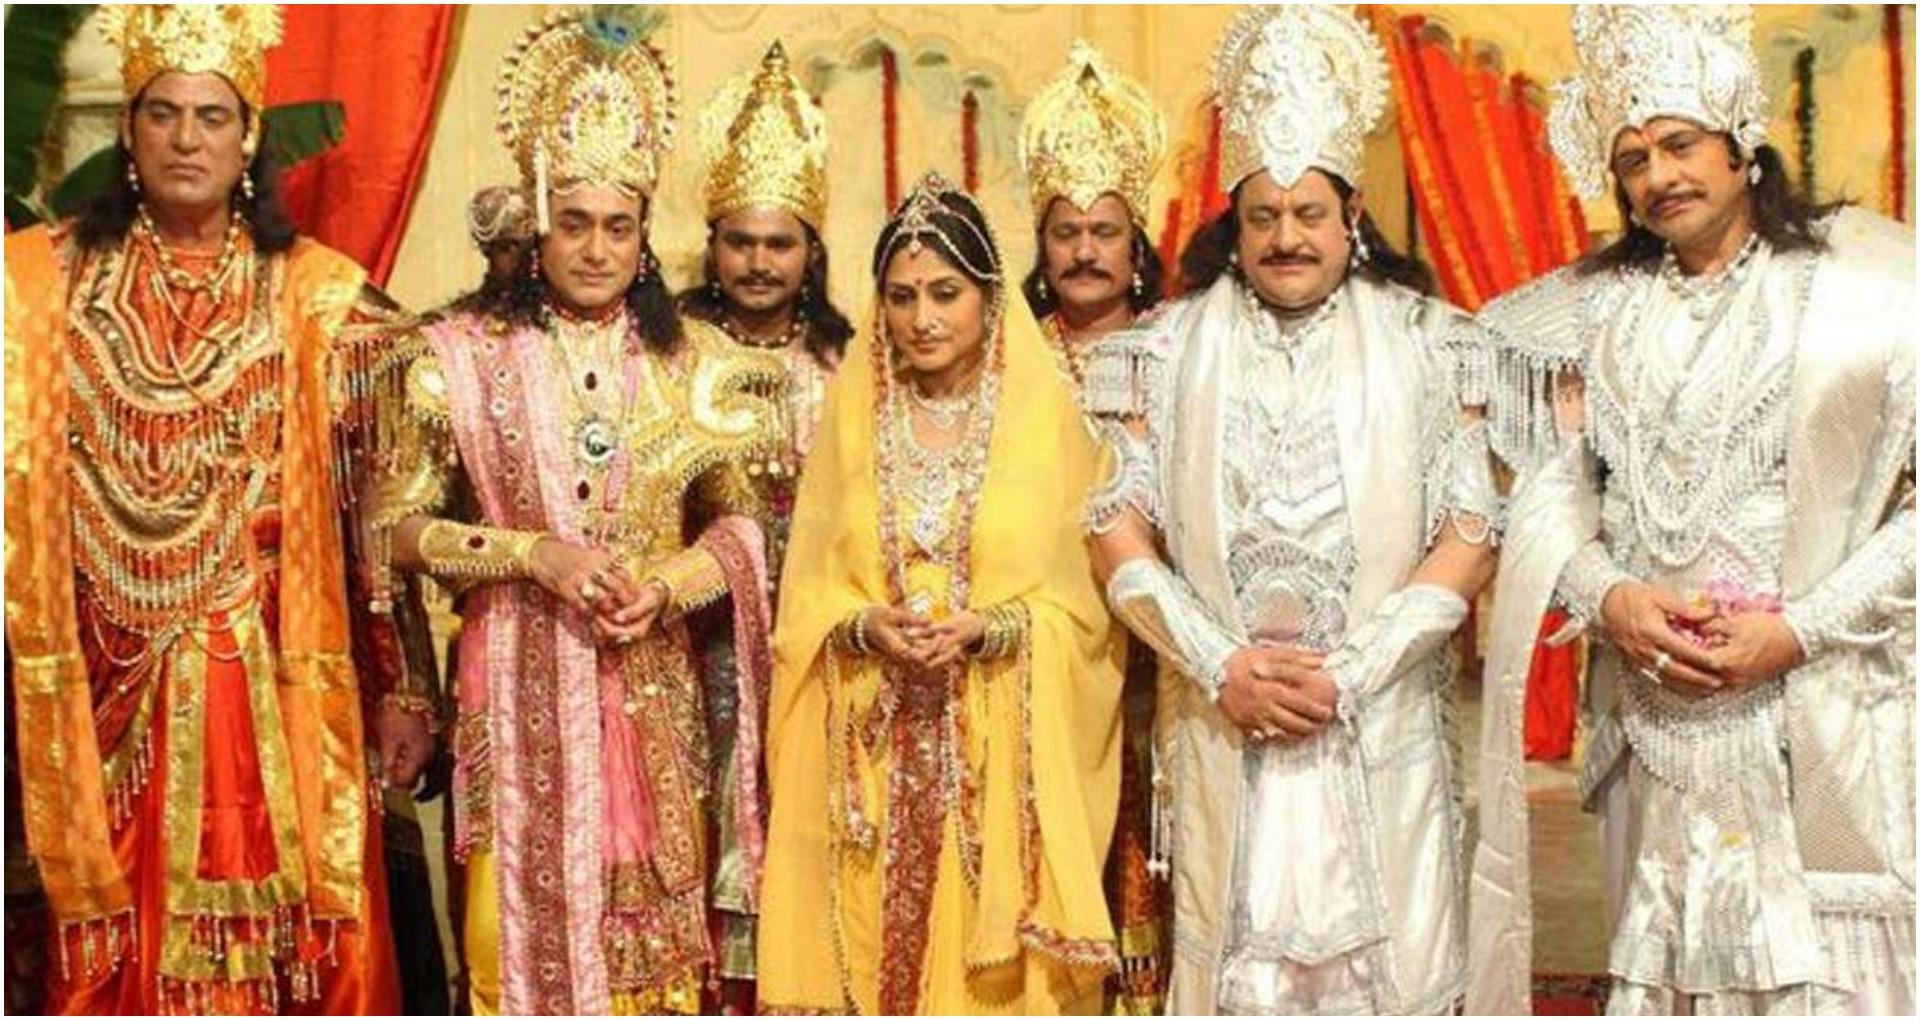 Mahabharat: महाभारत के 'पांडव' स्टाइलिश लुक में आए नजर, फोटो हुई वायरल, देखें तस्वीर